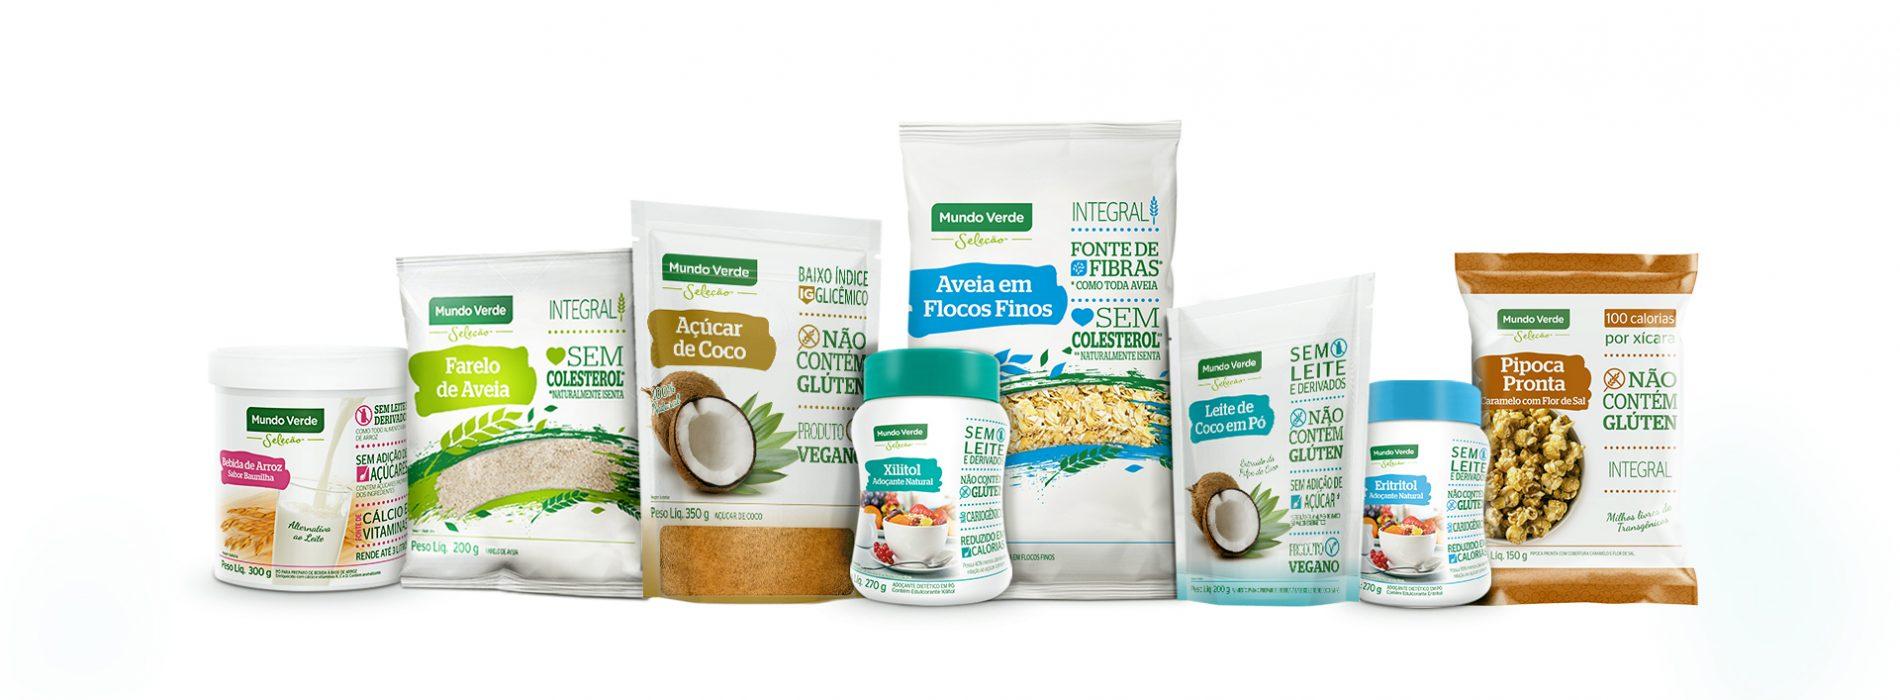 Mundo Verde – Rede de 400 lojas de alimentos saudáveis aposta na marca própria e RS lidera vendas